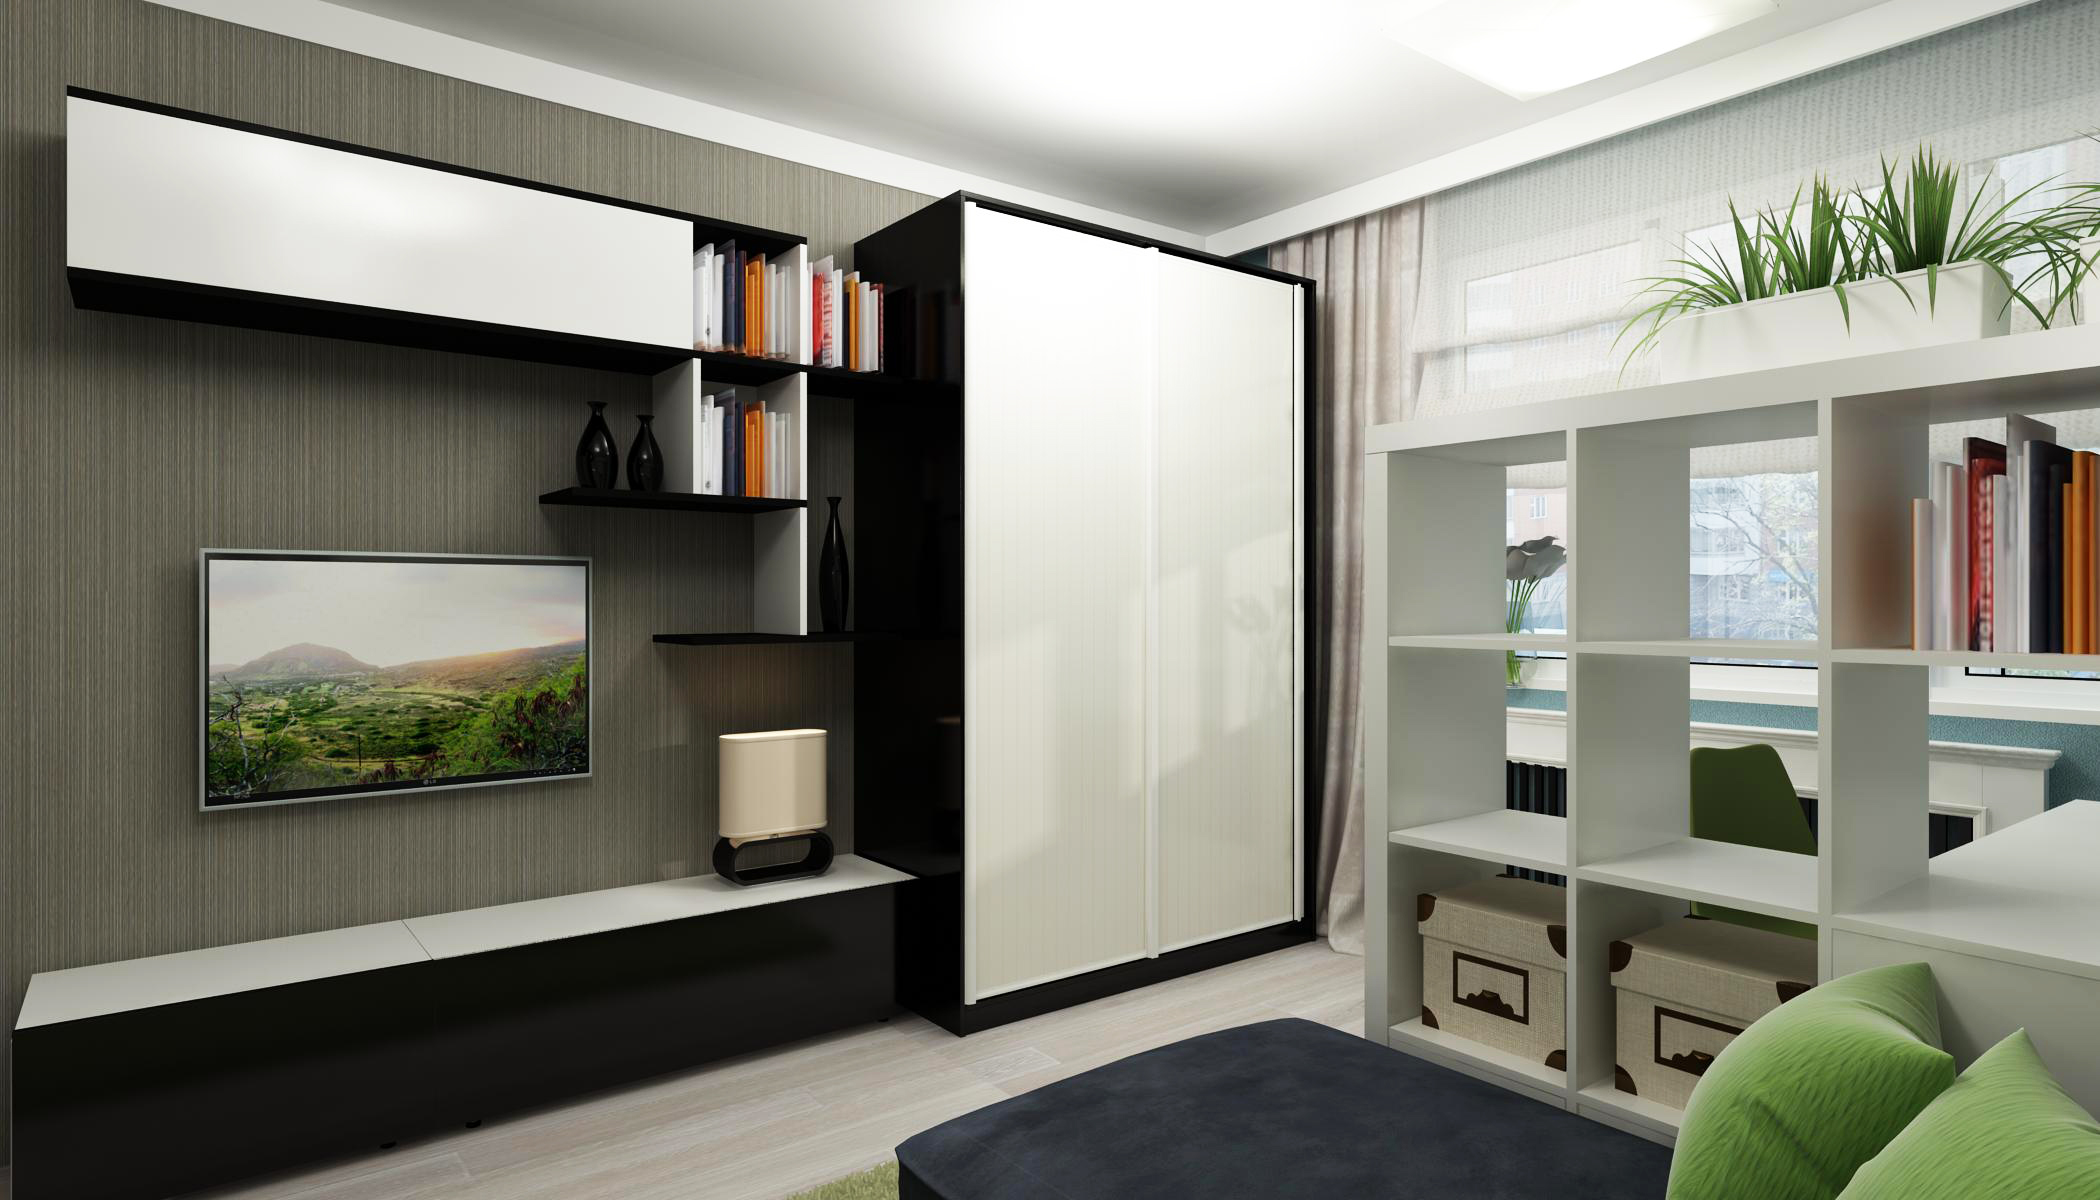 Гостиная со шкафом - фото идеальных вариантов сочетания в ин.